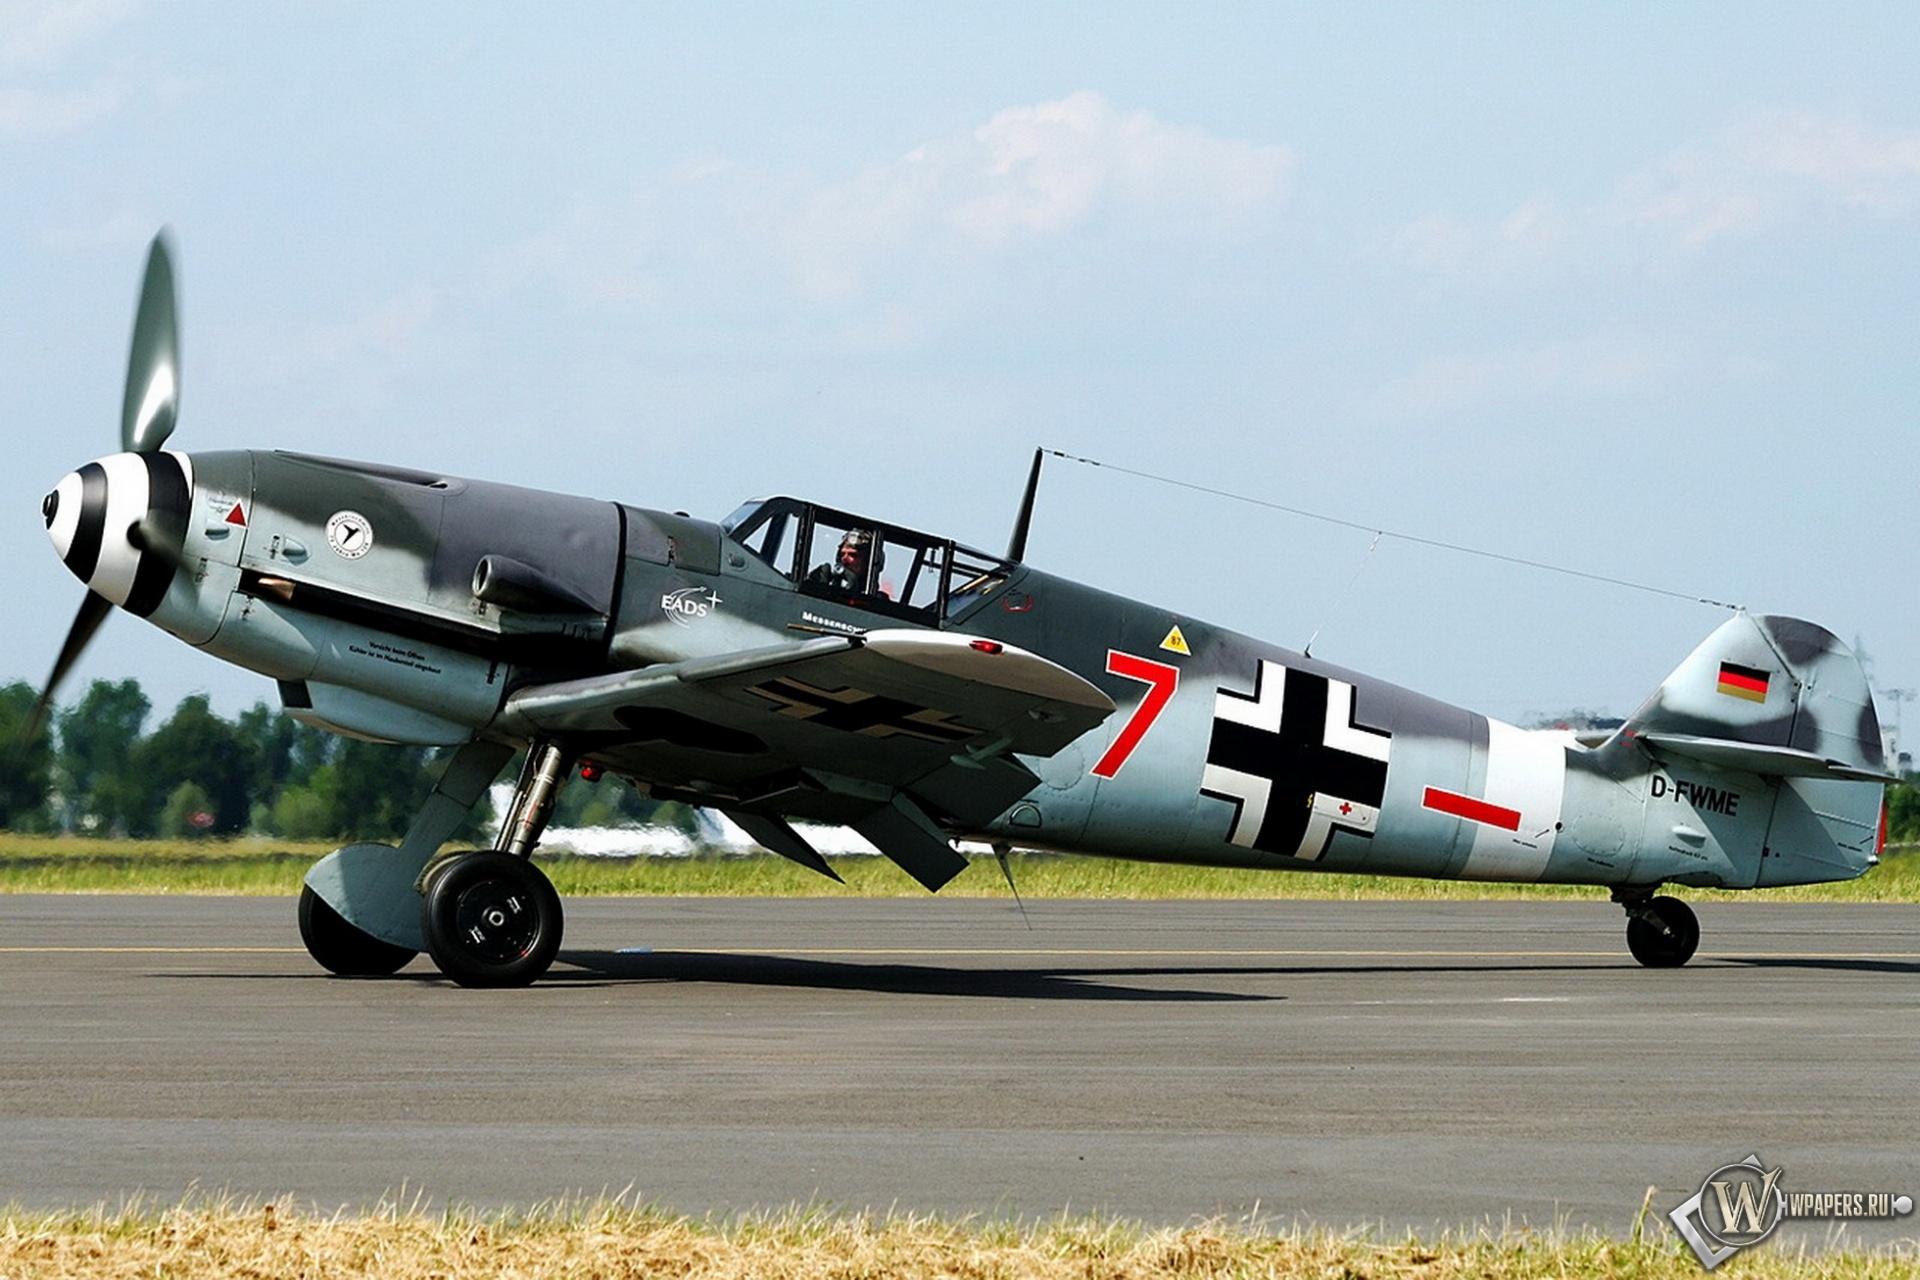 Messerschmitt Bf-109 1920x1280